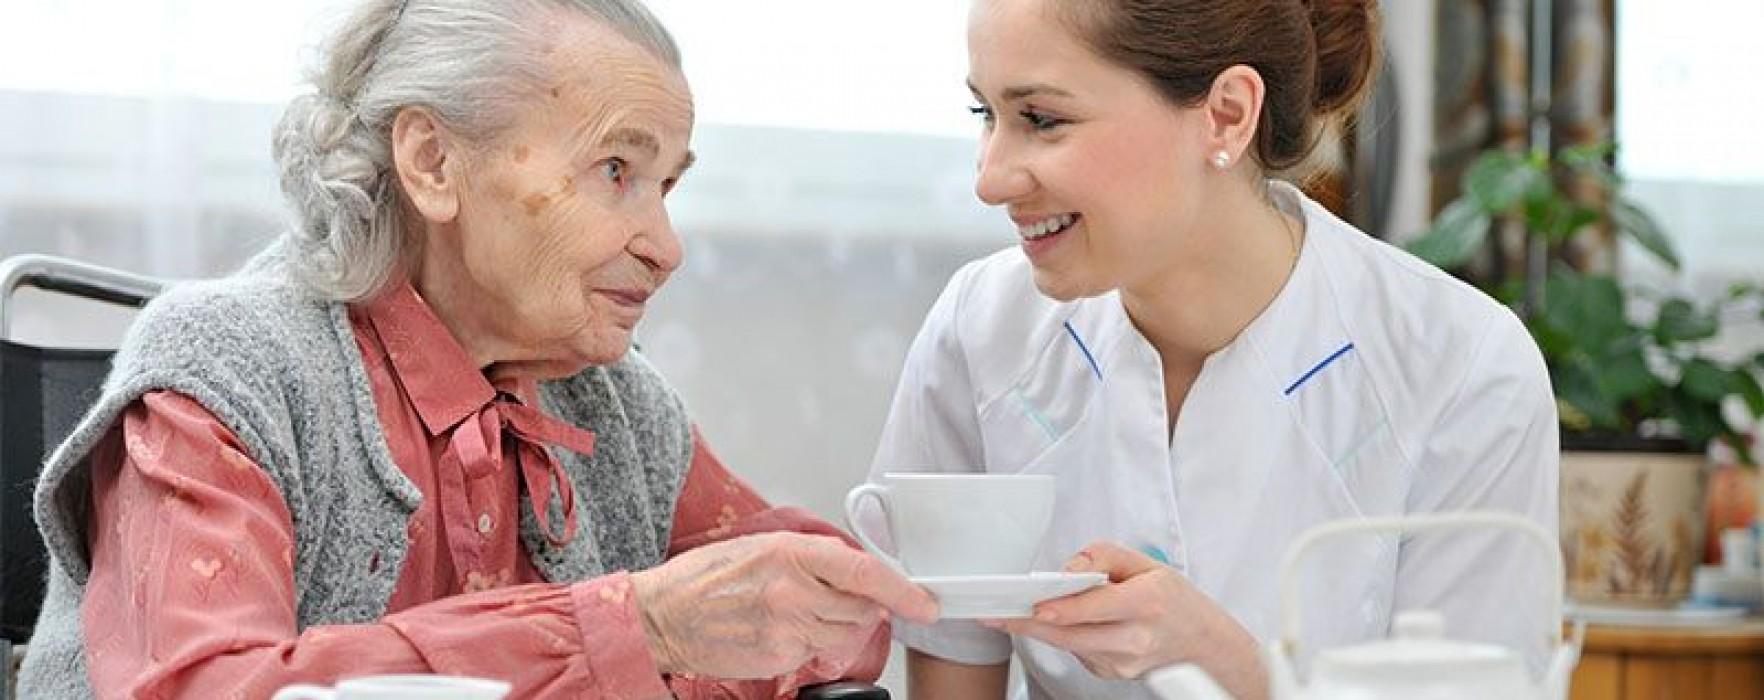 Se caută îngrijitori persoane în Marea Britanie, salariu 7,2 lire/oră